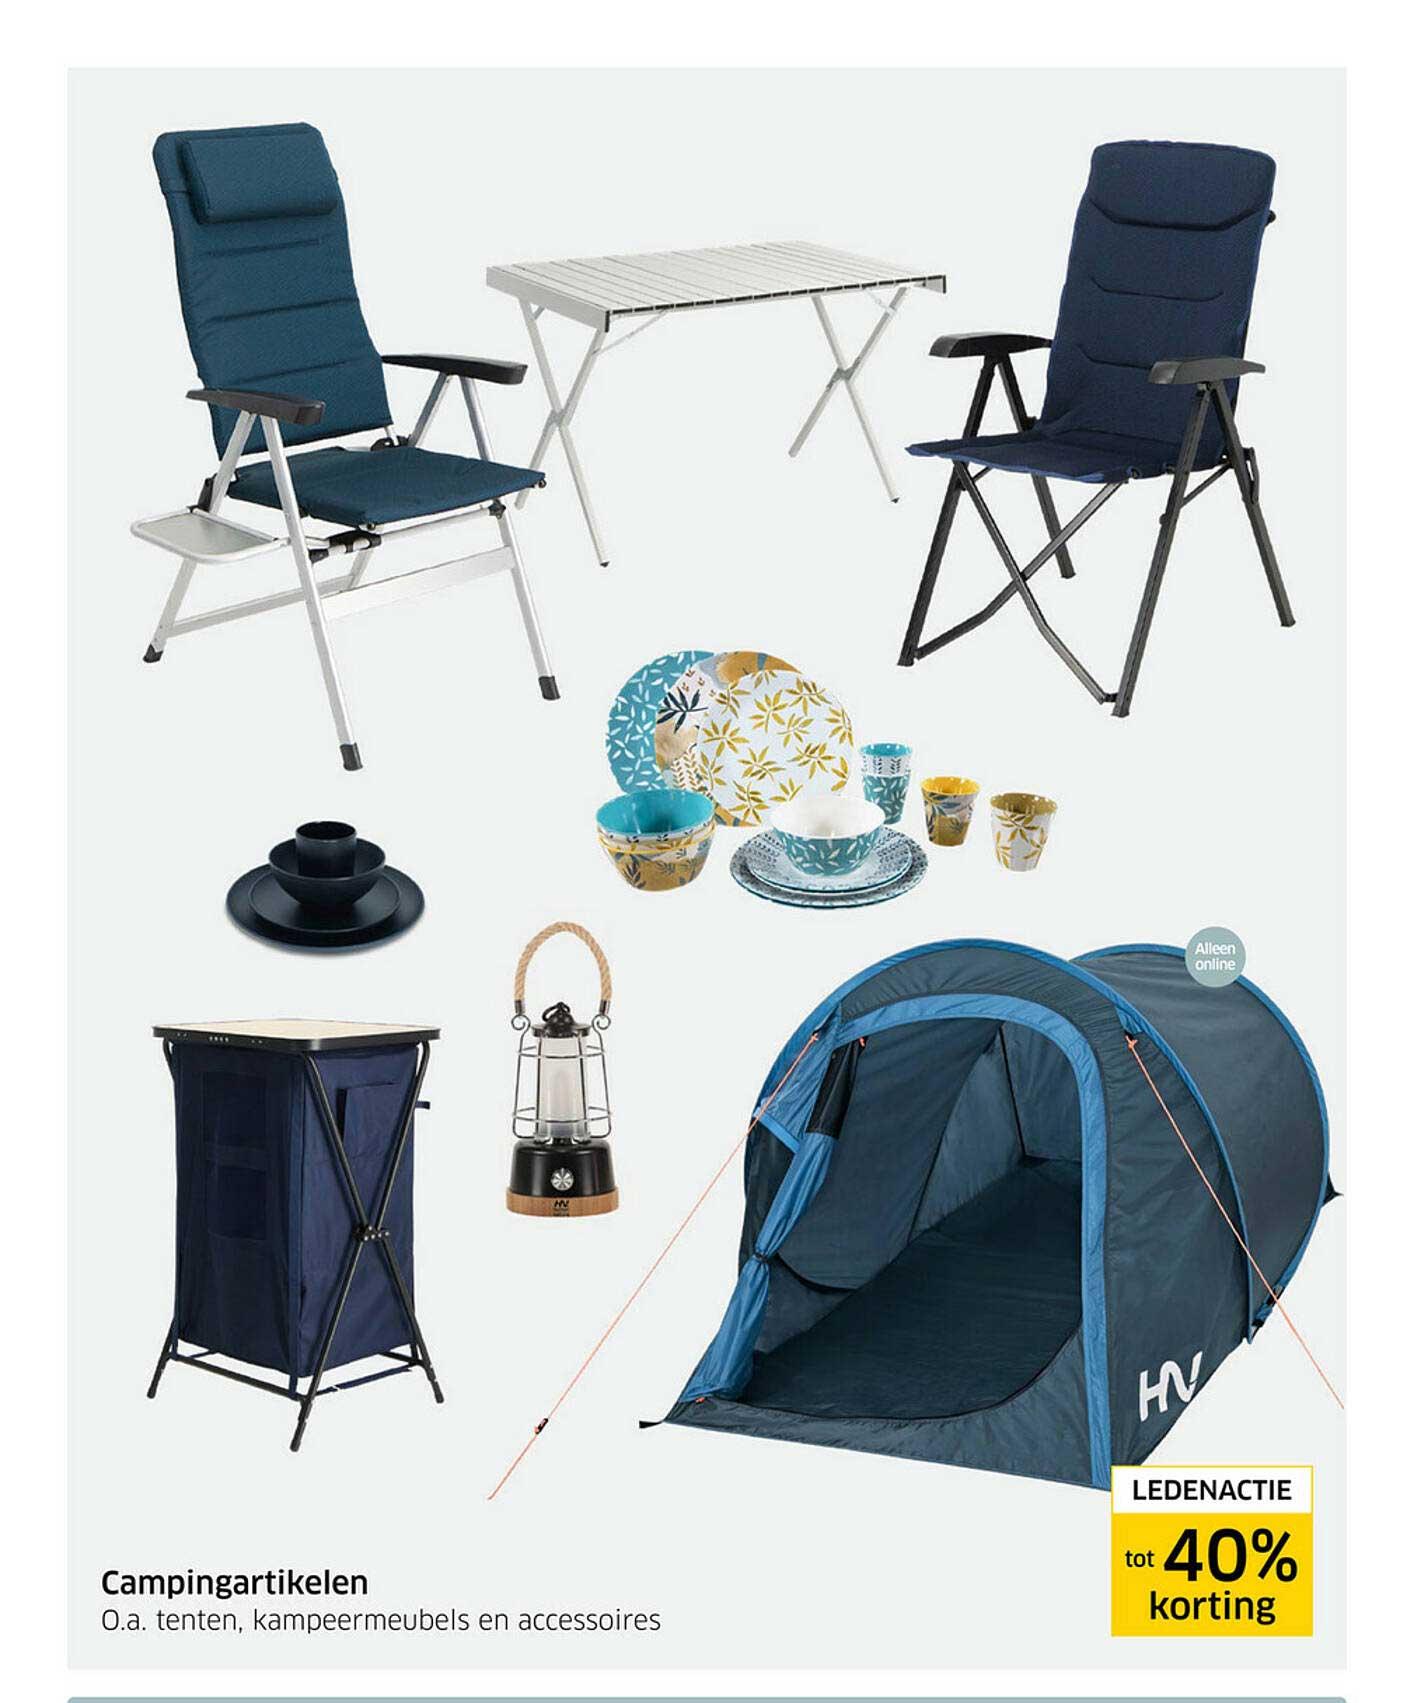 ANWB Campingartikelen : Tenten, Kampeermeubels En Accessoires Ledenactie Tot 40% Korting